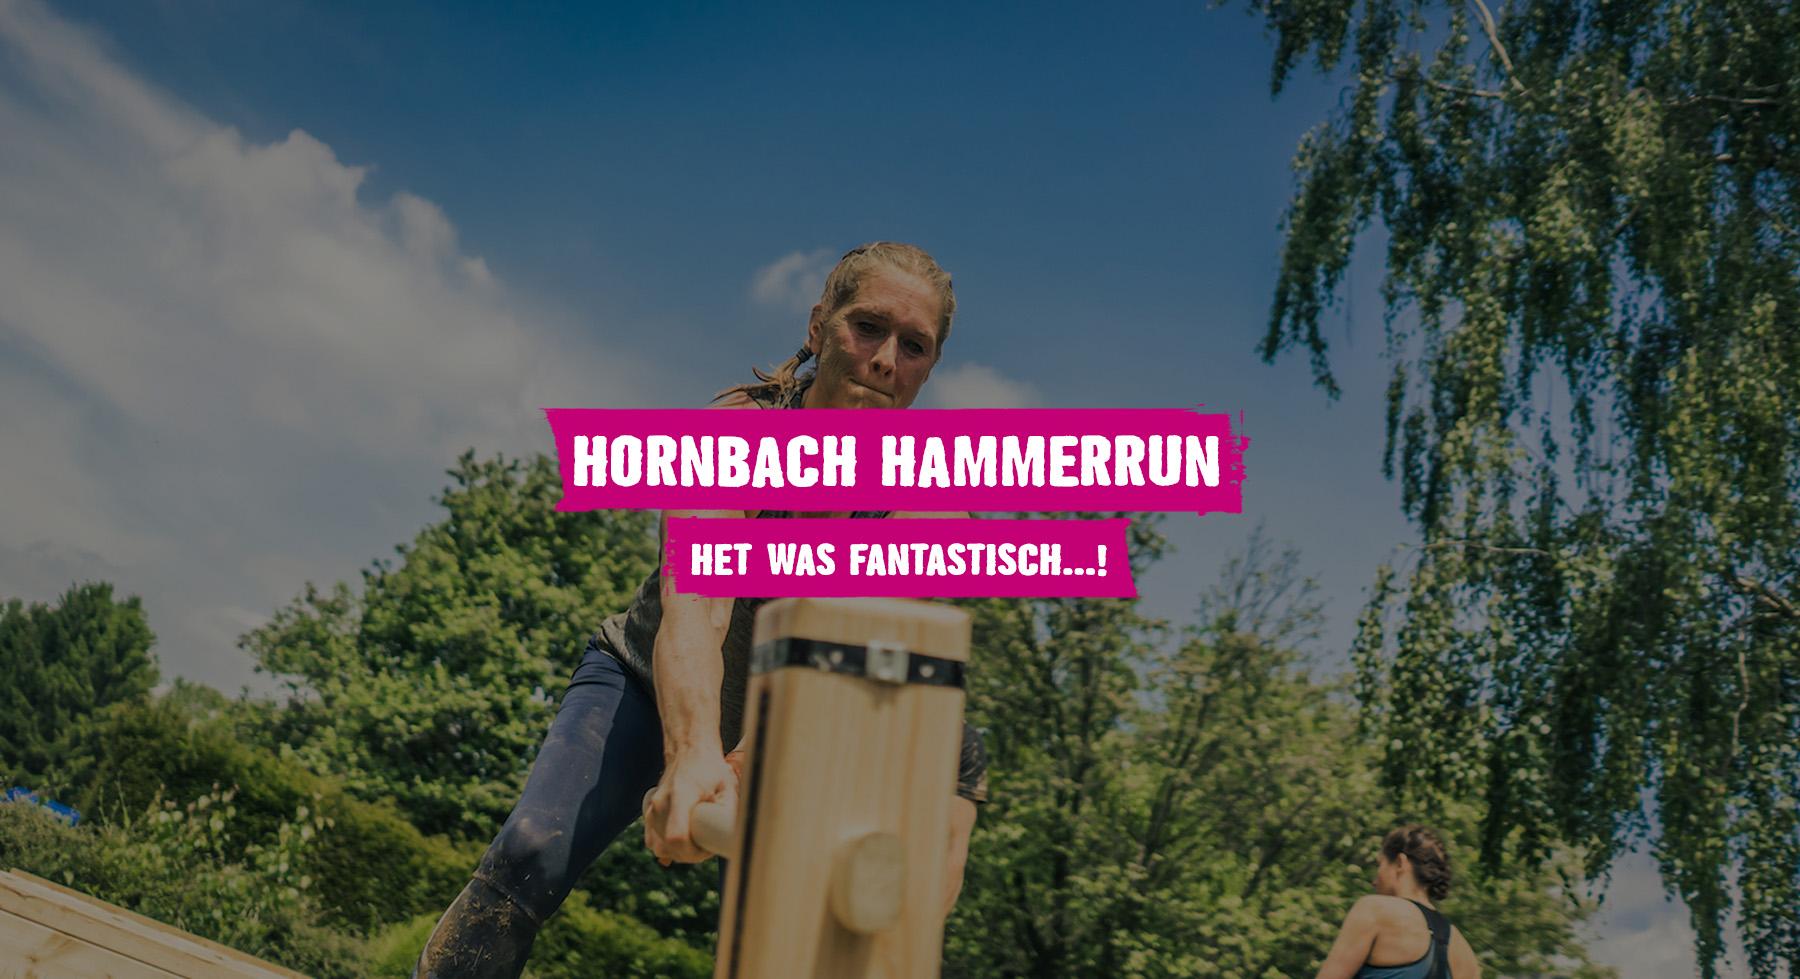 Hornbach hammerrun 1